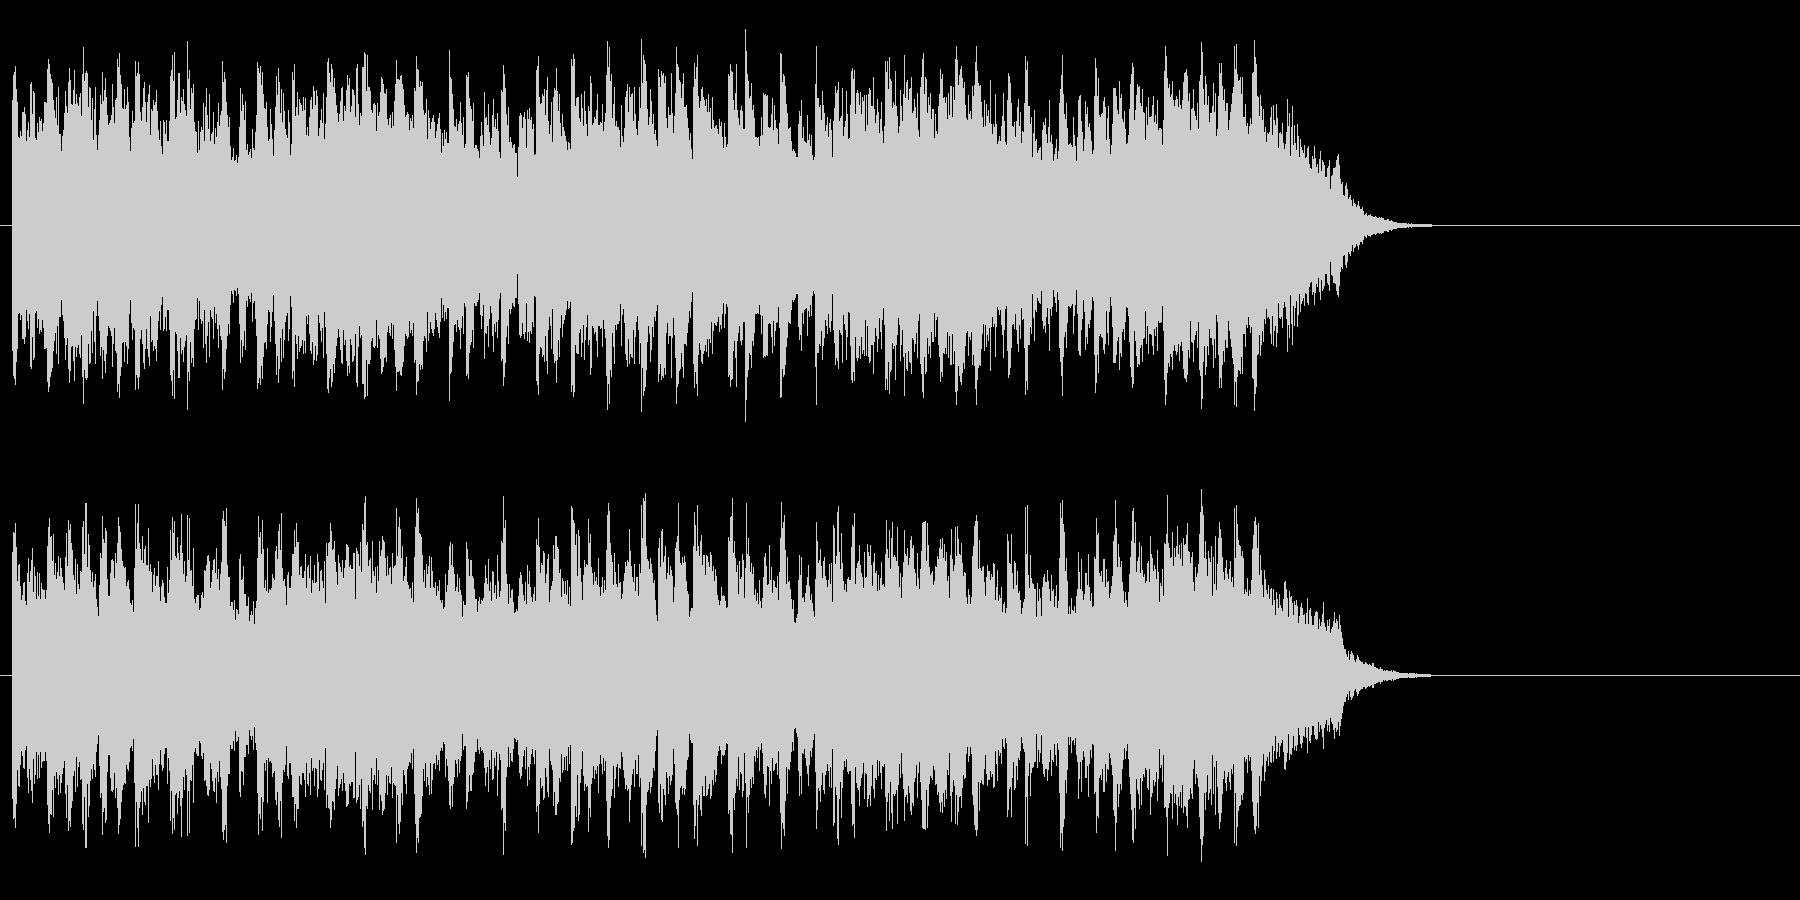 出発のエンディングBGM(サビ)の未再生の波形